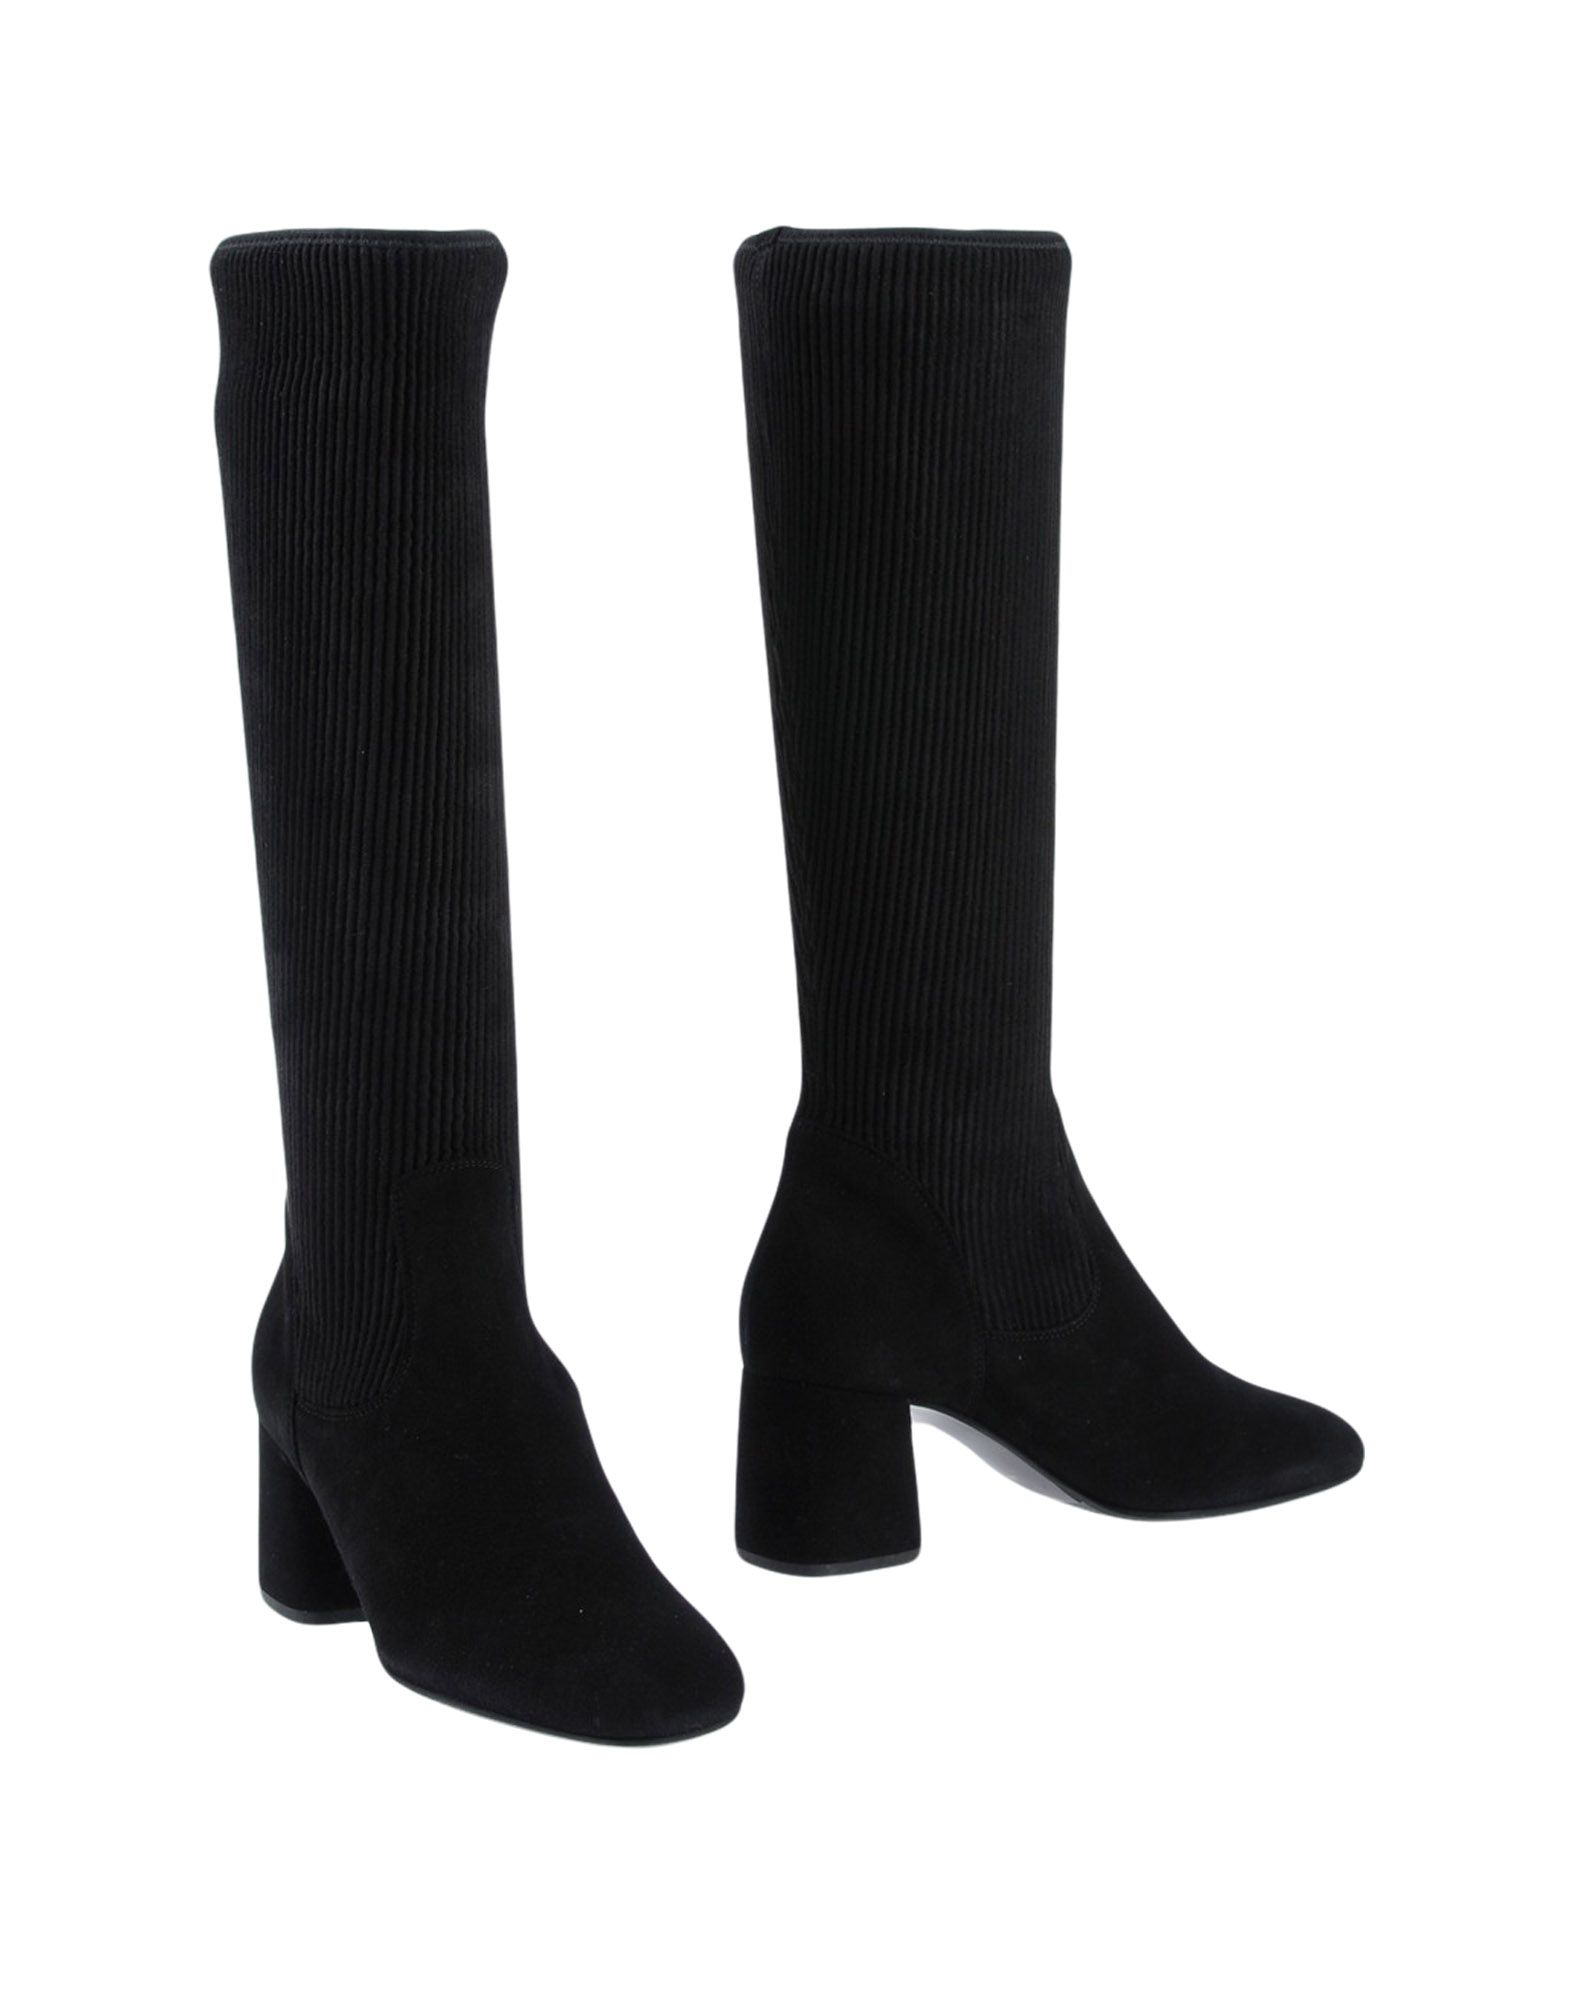 Zocal Stiefel Damen Schuhe 11459004HT Gute Qualität beliebte Schuhe Damen e632c9